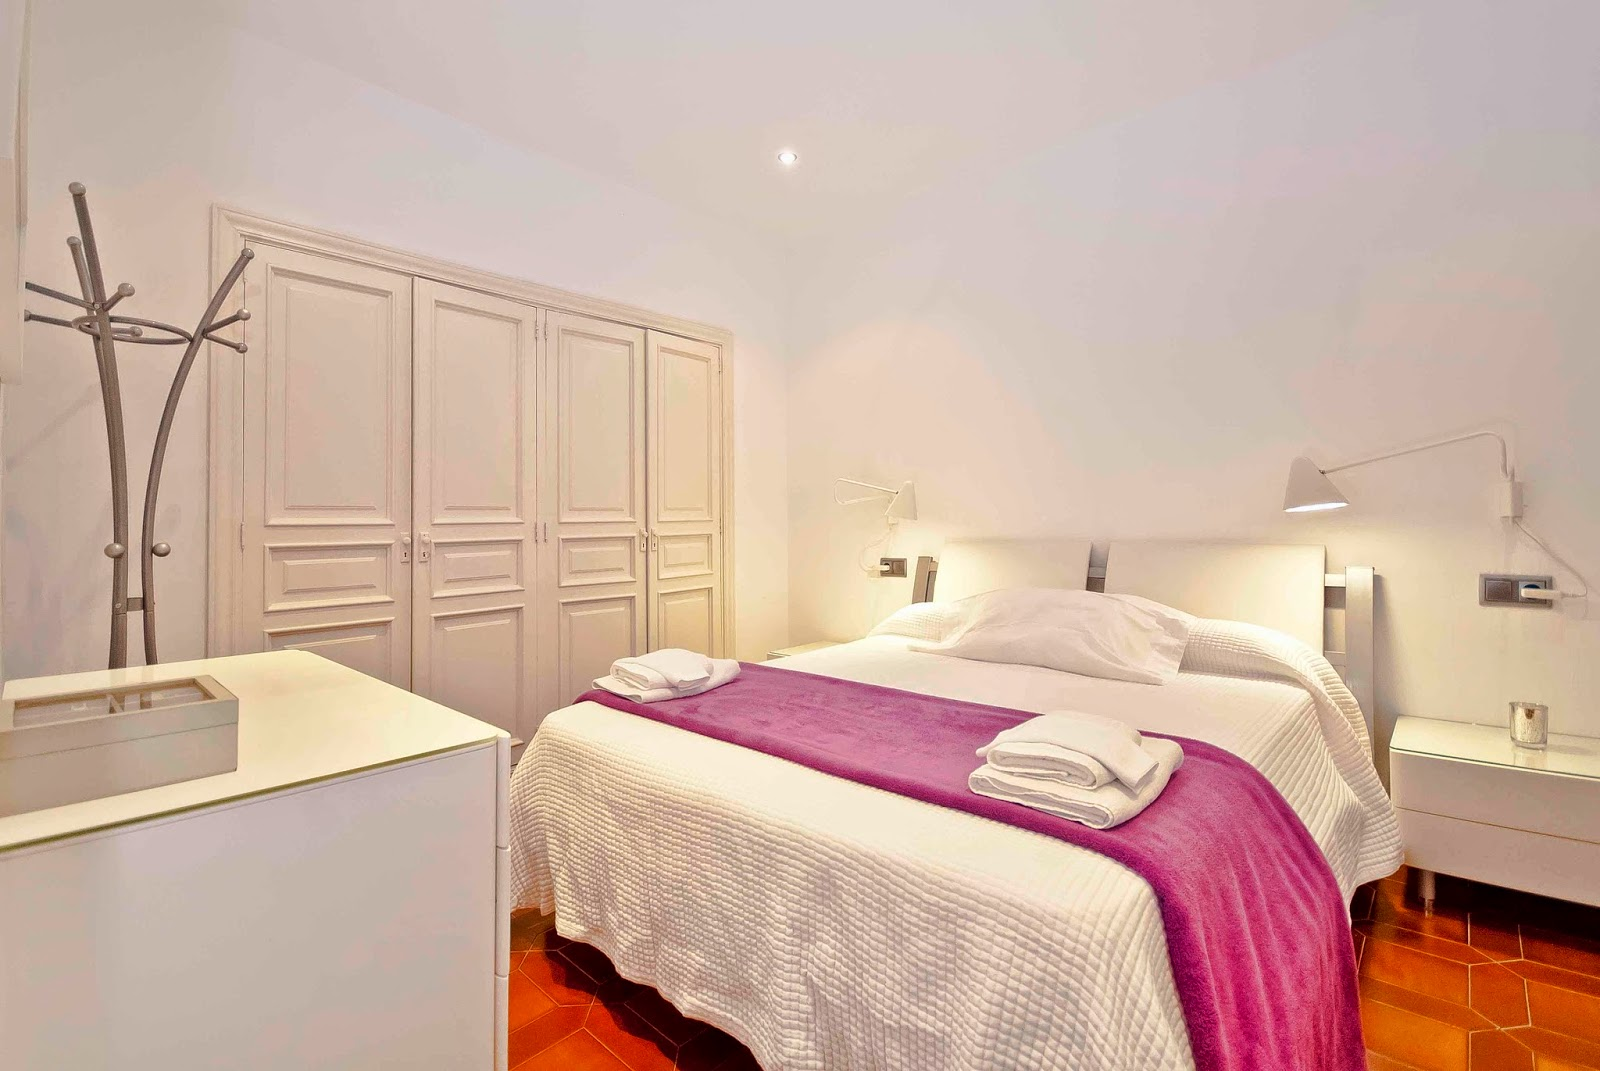 Affitto appartamento a Carrara il mare da parte del proprietario della riva